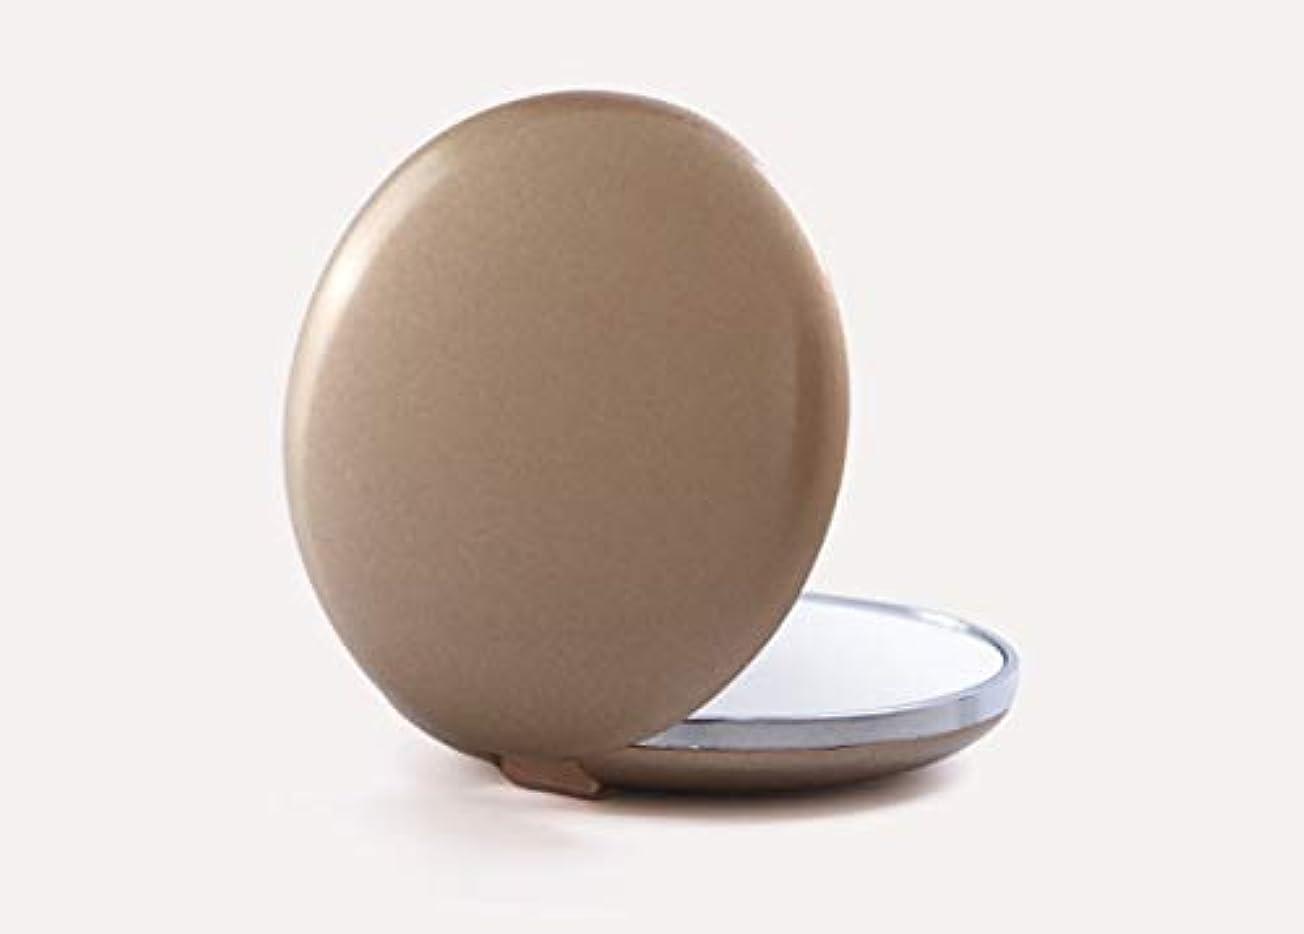 光沢のあるタイプライター大理石化粧鏡、ブラウンテクスチャアップグレード化粧鏡化粧鏡化粧ギフト